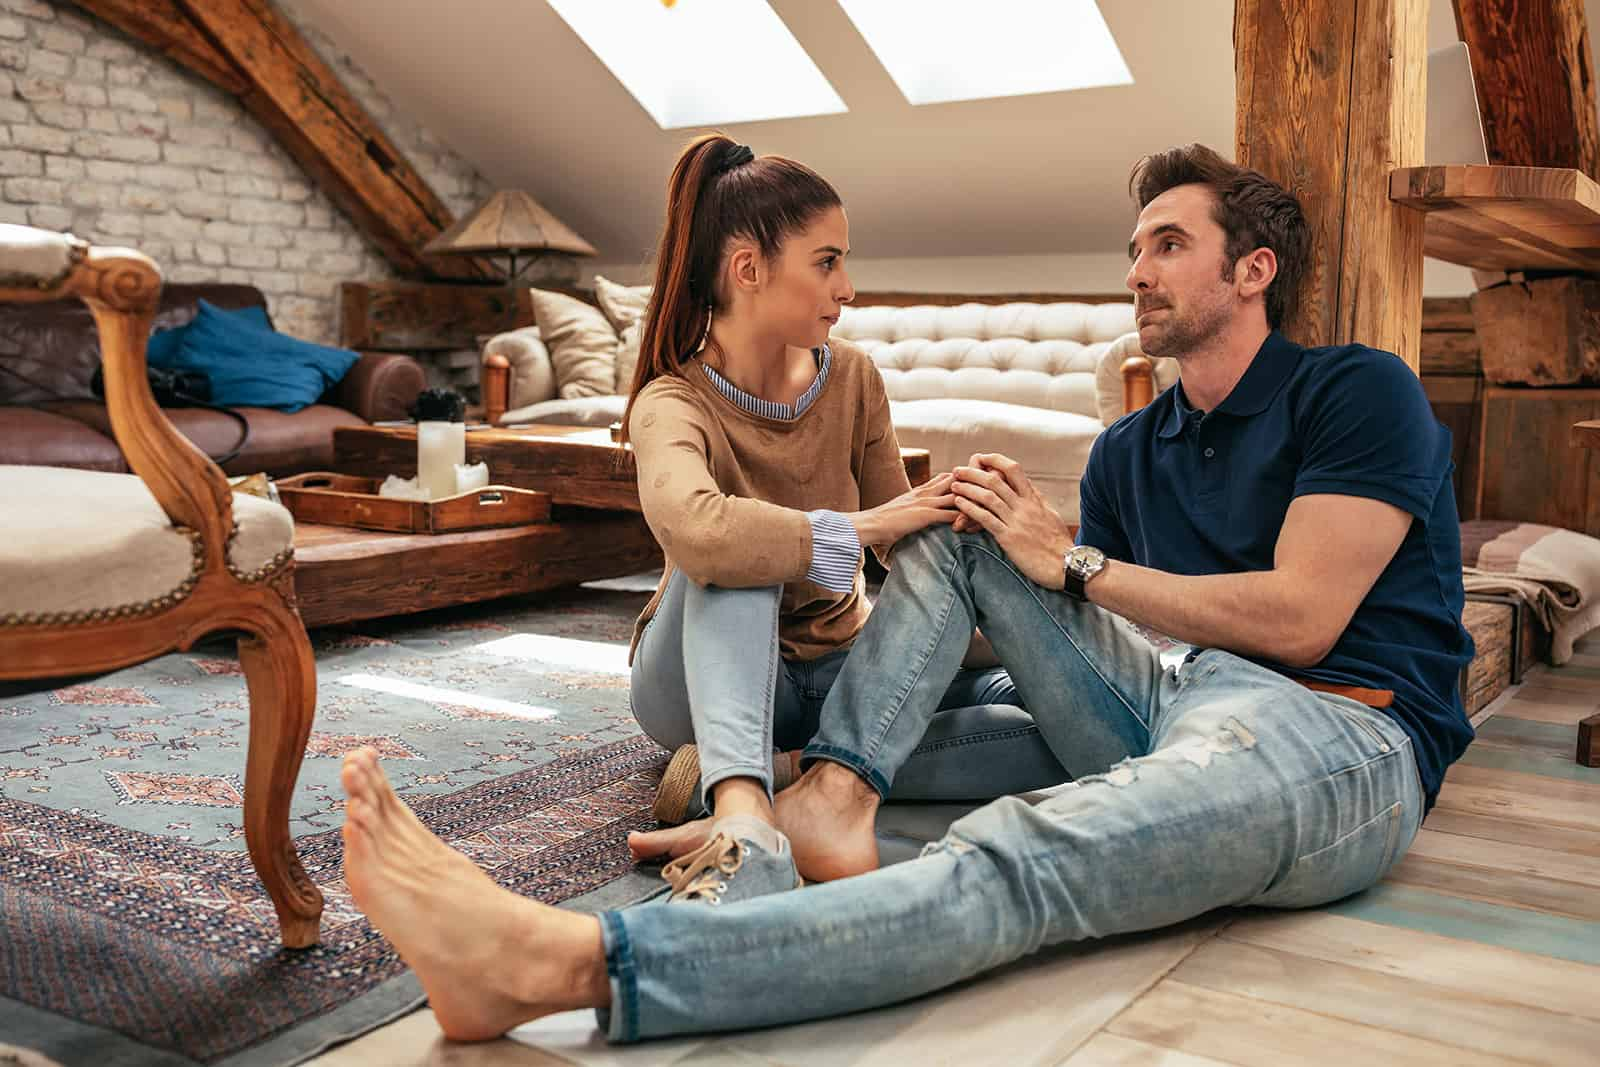 Ein Paar sitzt auf dem Boden und hält sich an den Händen, während es über ihre Beziehung spricht